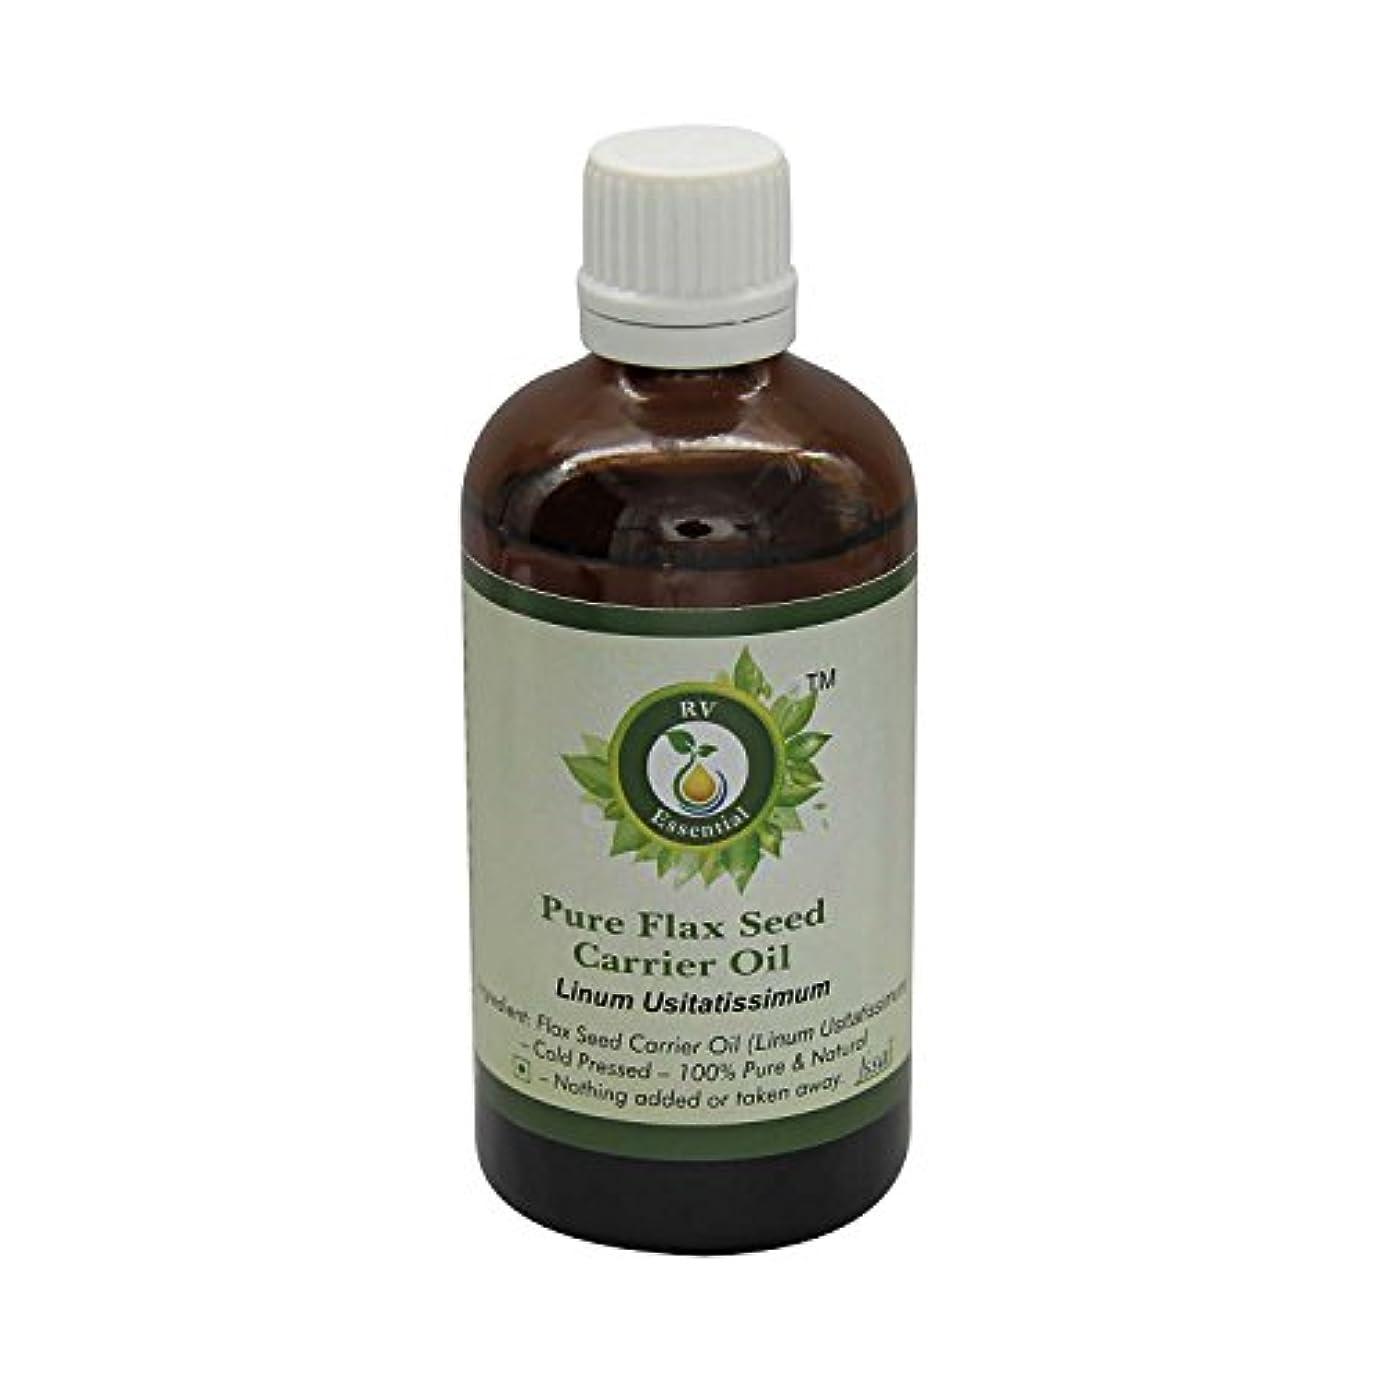 すり減る我慢する宿題をするR V Essential 純粋な亜麻シードキャリアオイル50ml (1.69oz)- Linum Usitatissimum (100%ピュア&ナチュラルコールドPressed) Pure Flax Seed Carrier...